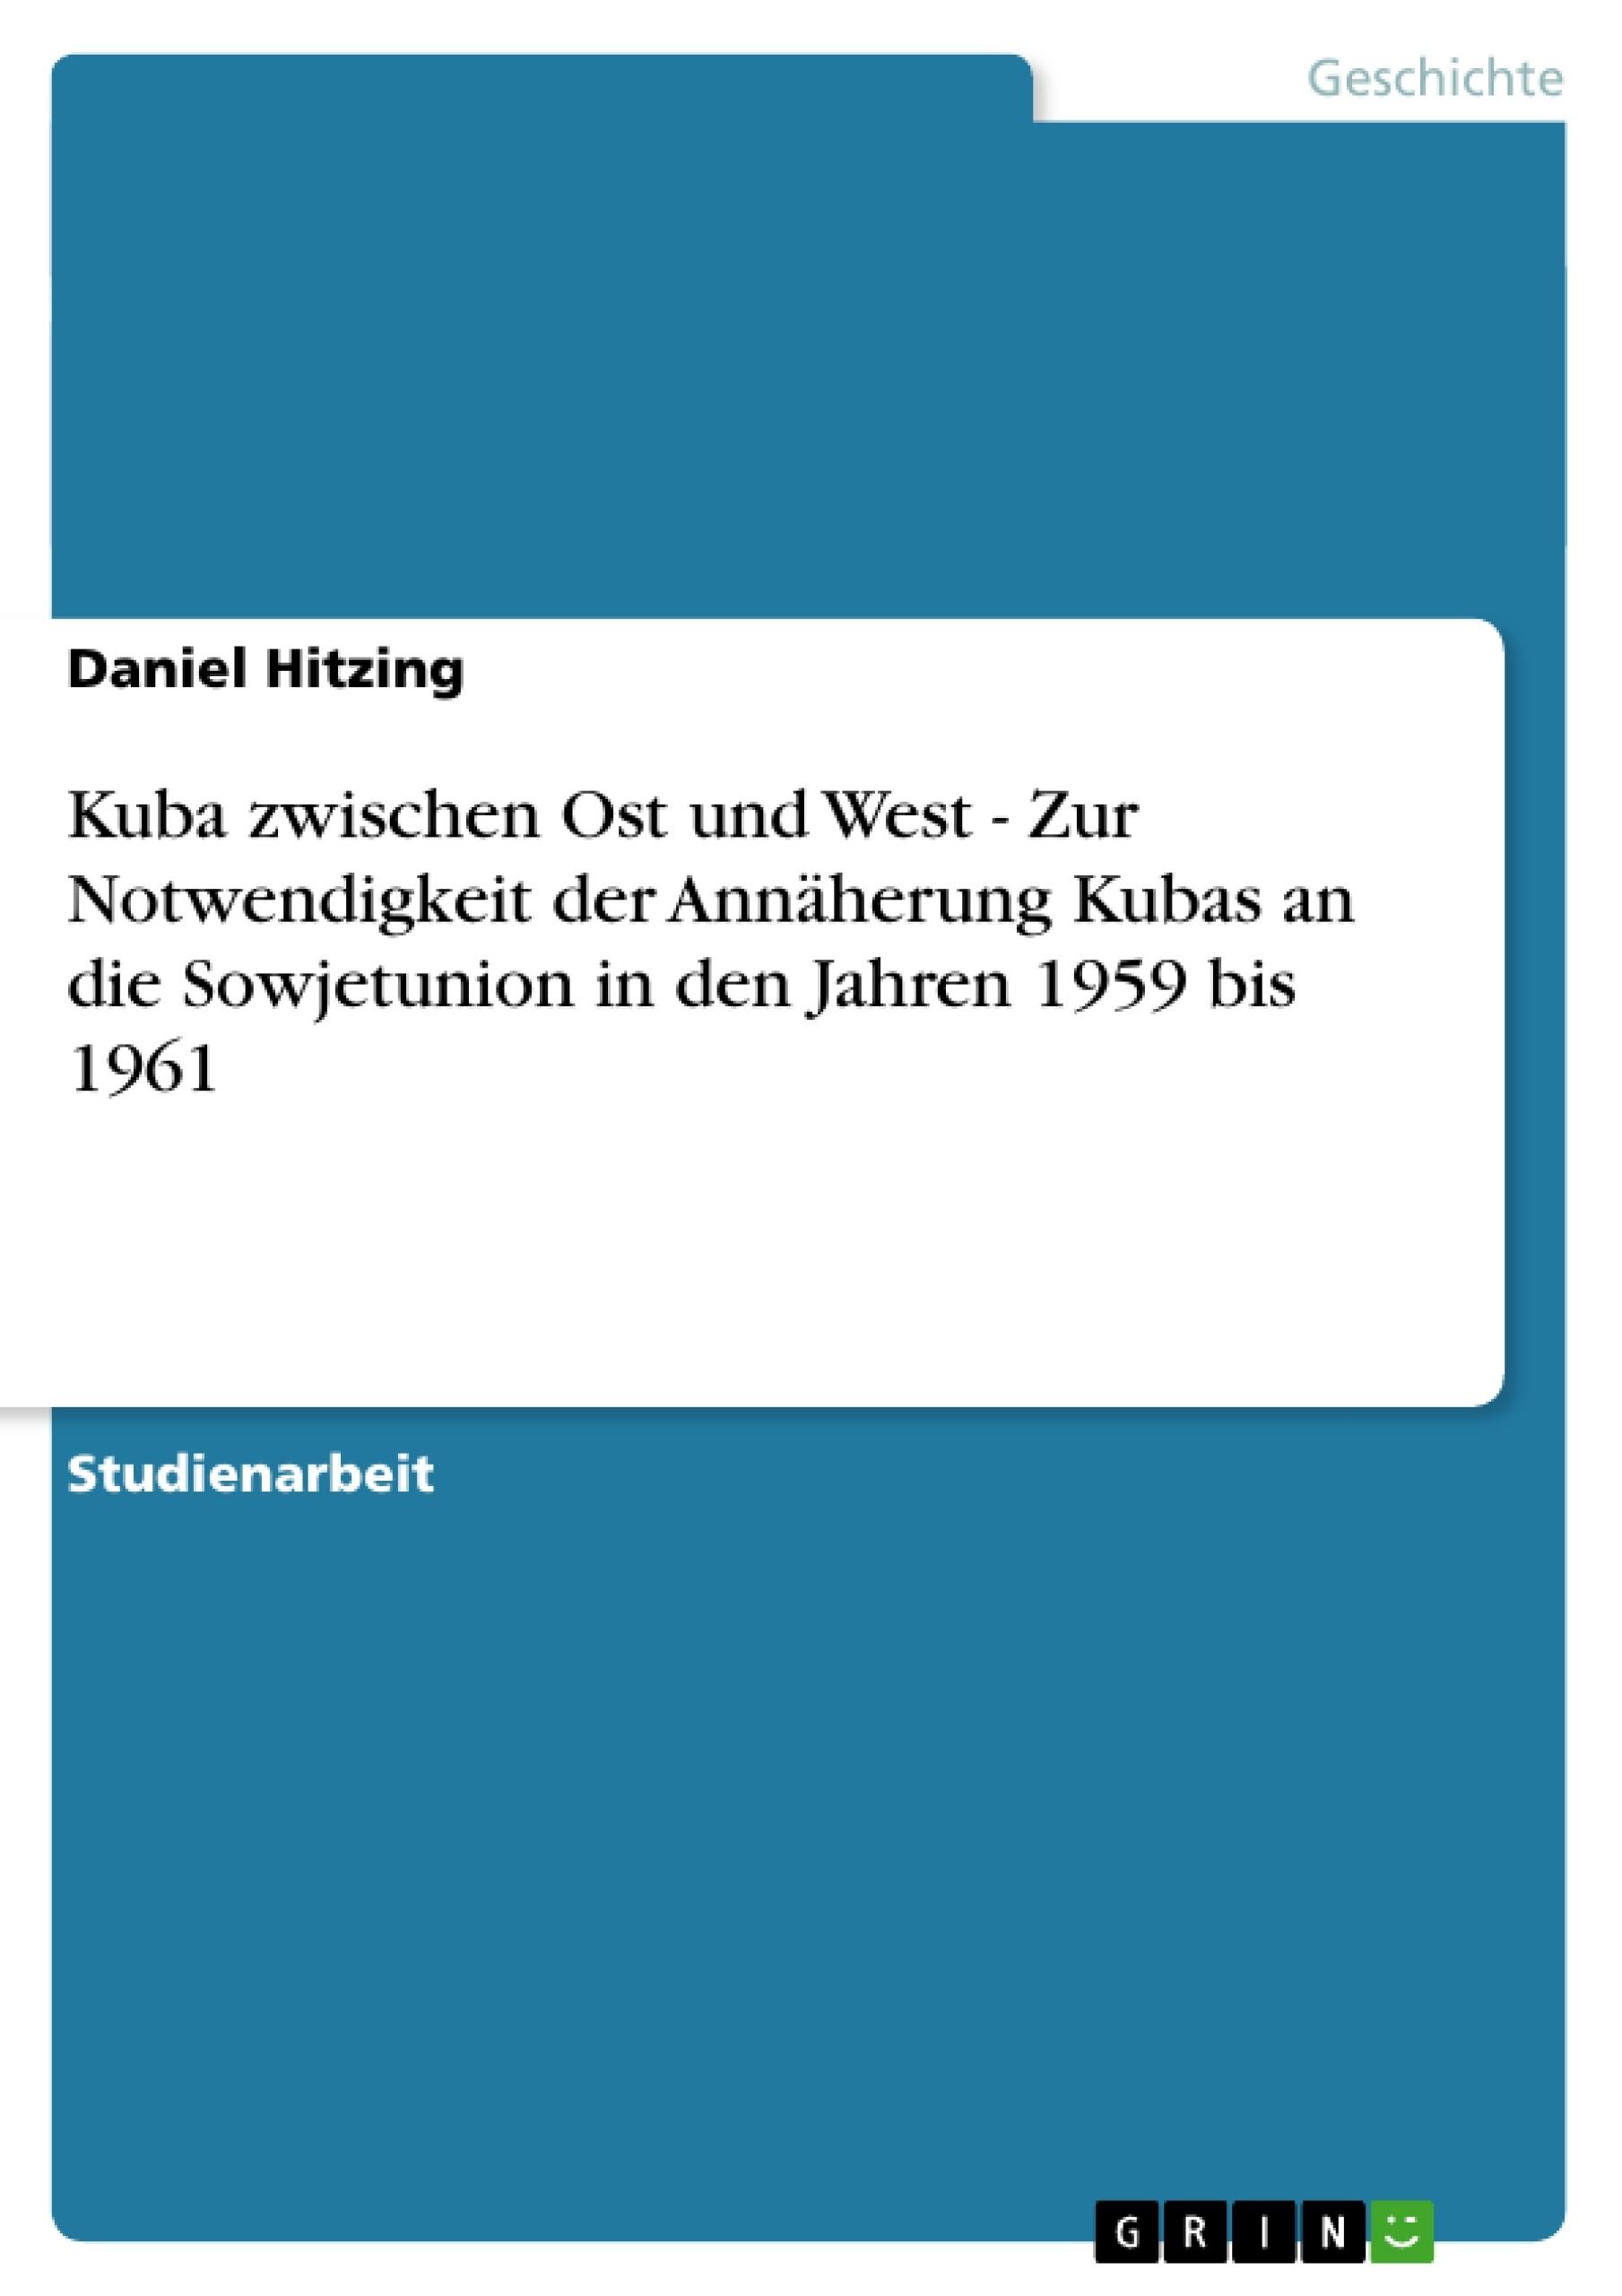 Titel: Kuba zwischen Ost und West - Zur Notwendigkeit der Annäherung  Kubas an die Sowjetunion in den Jahren 1959 bis 1961